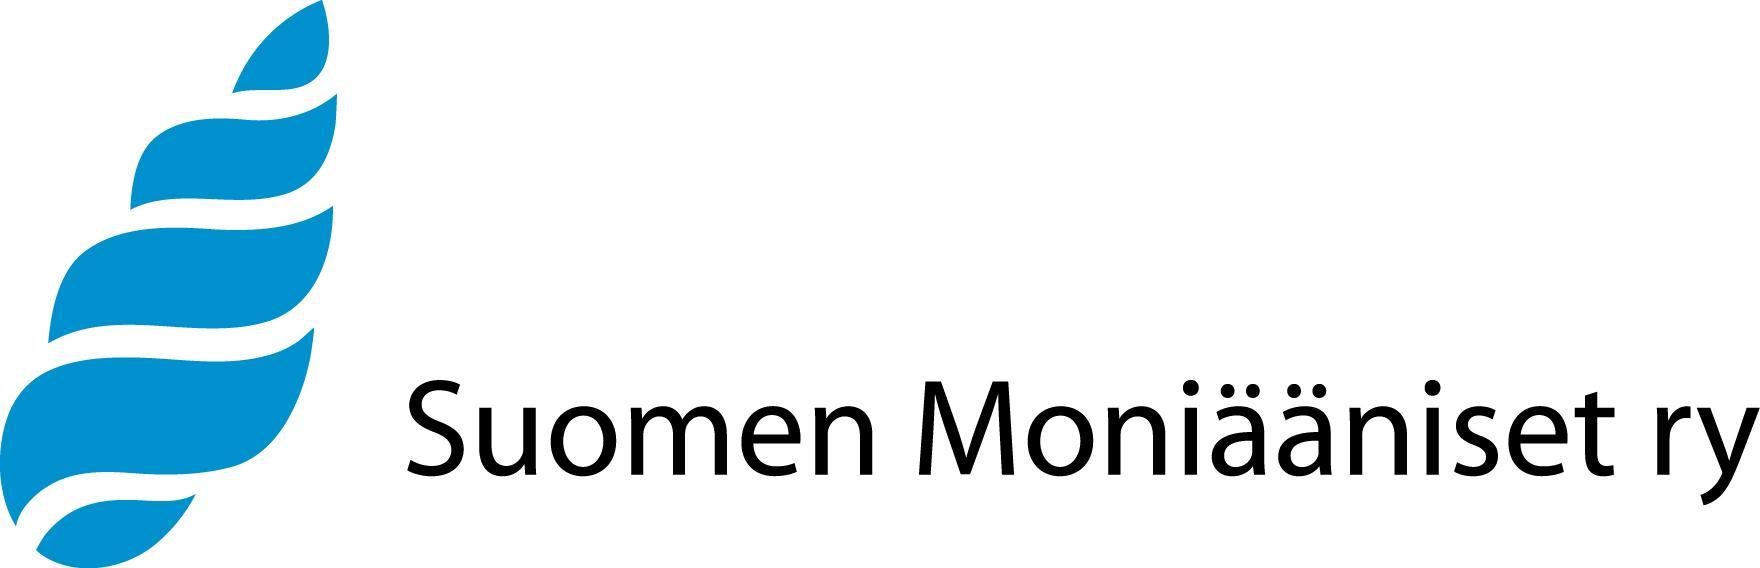 Suomen Moniääniset ry-logo